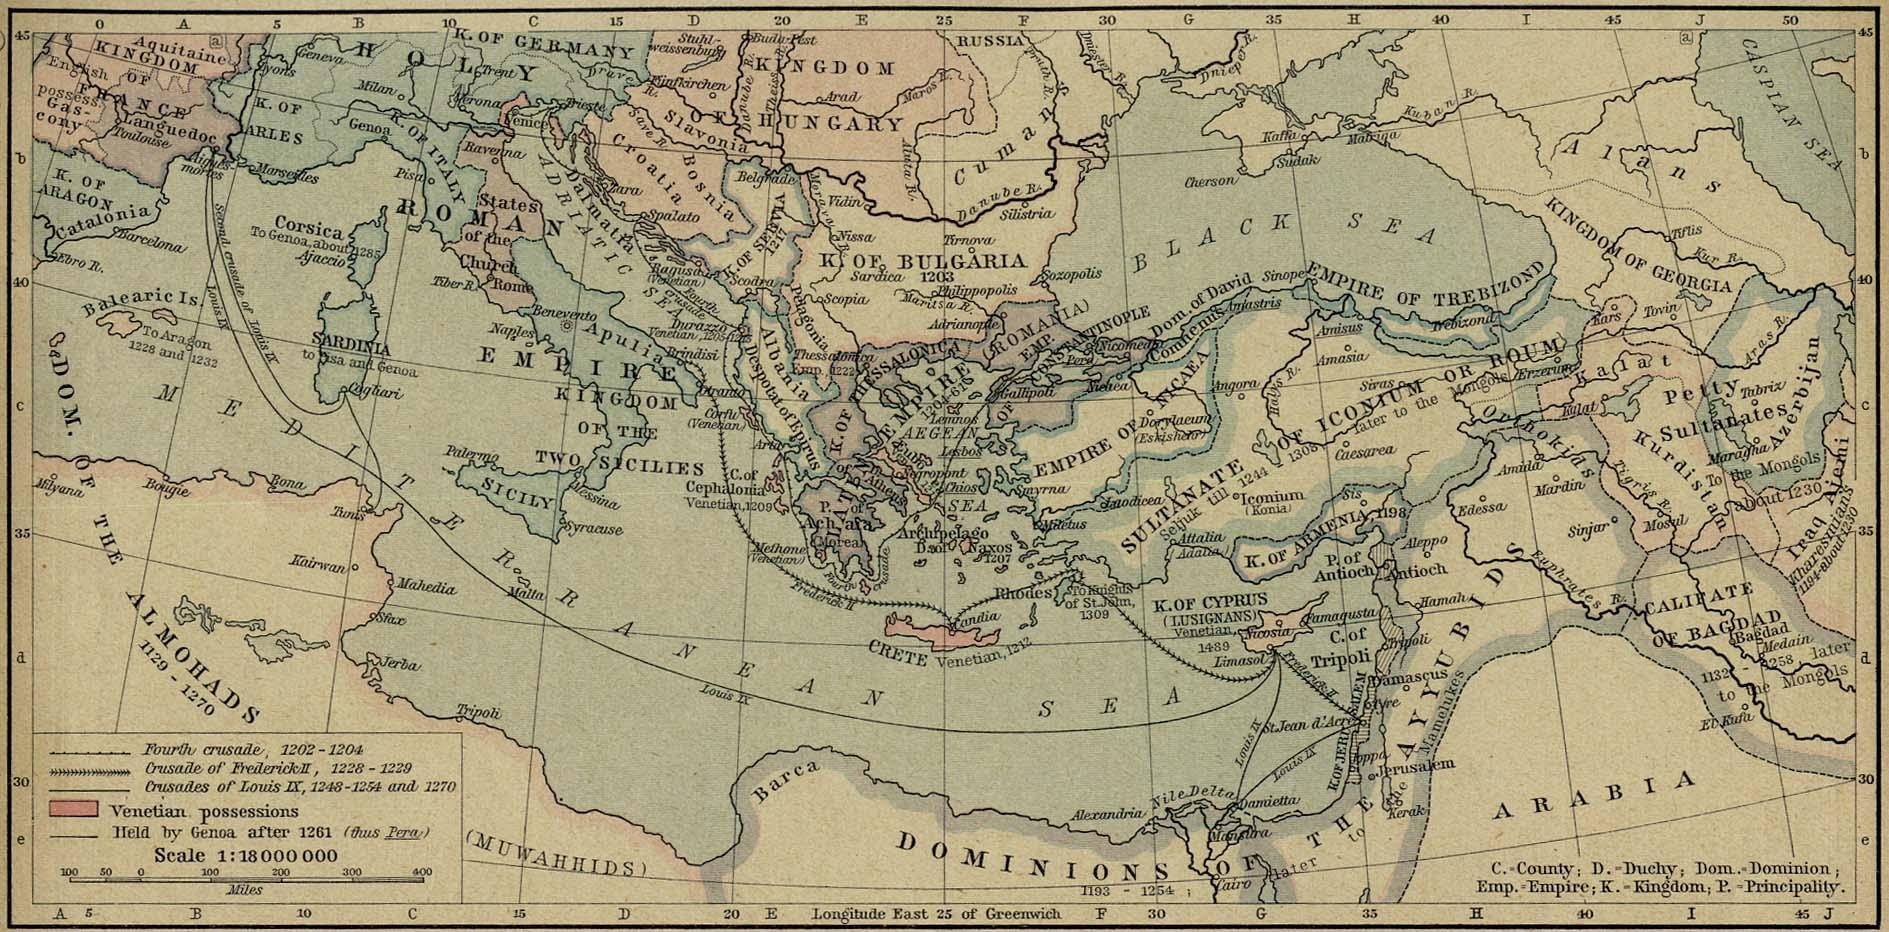 Europa y las Tierras Mediterráneas despues de 1204